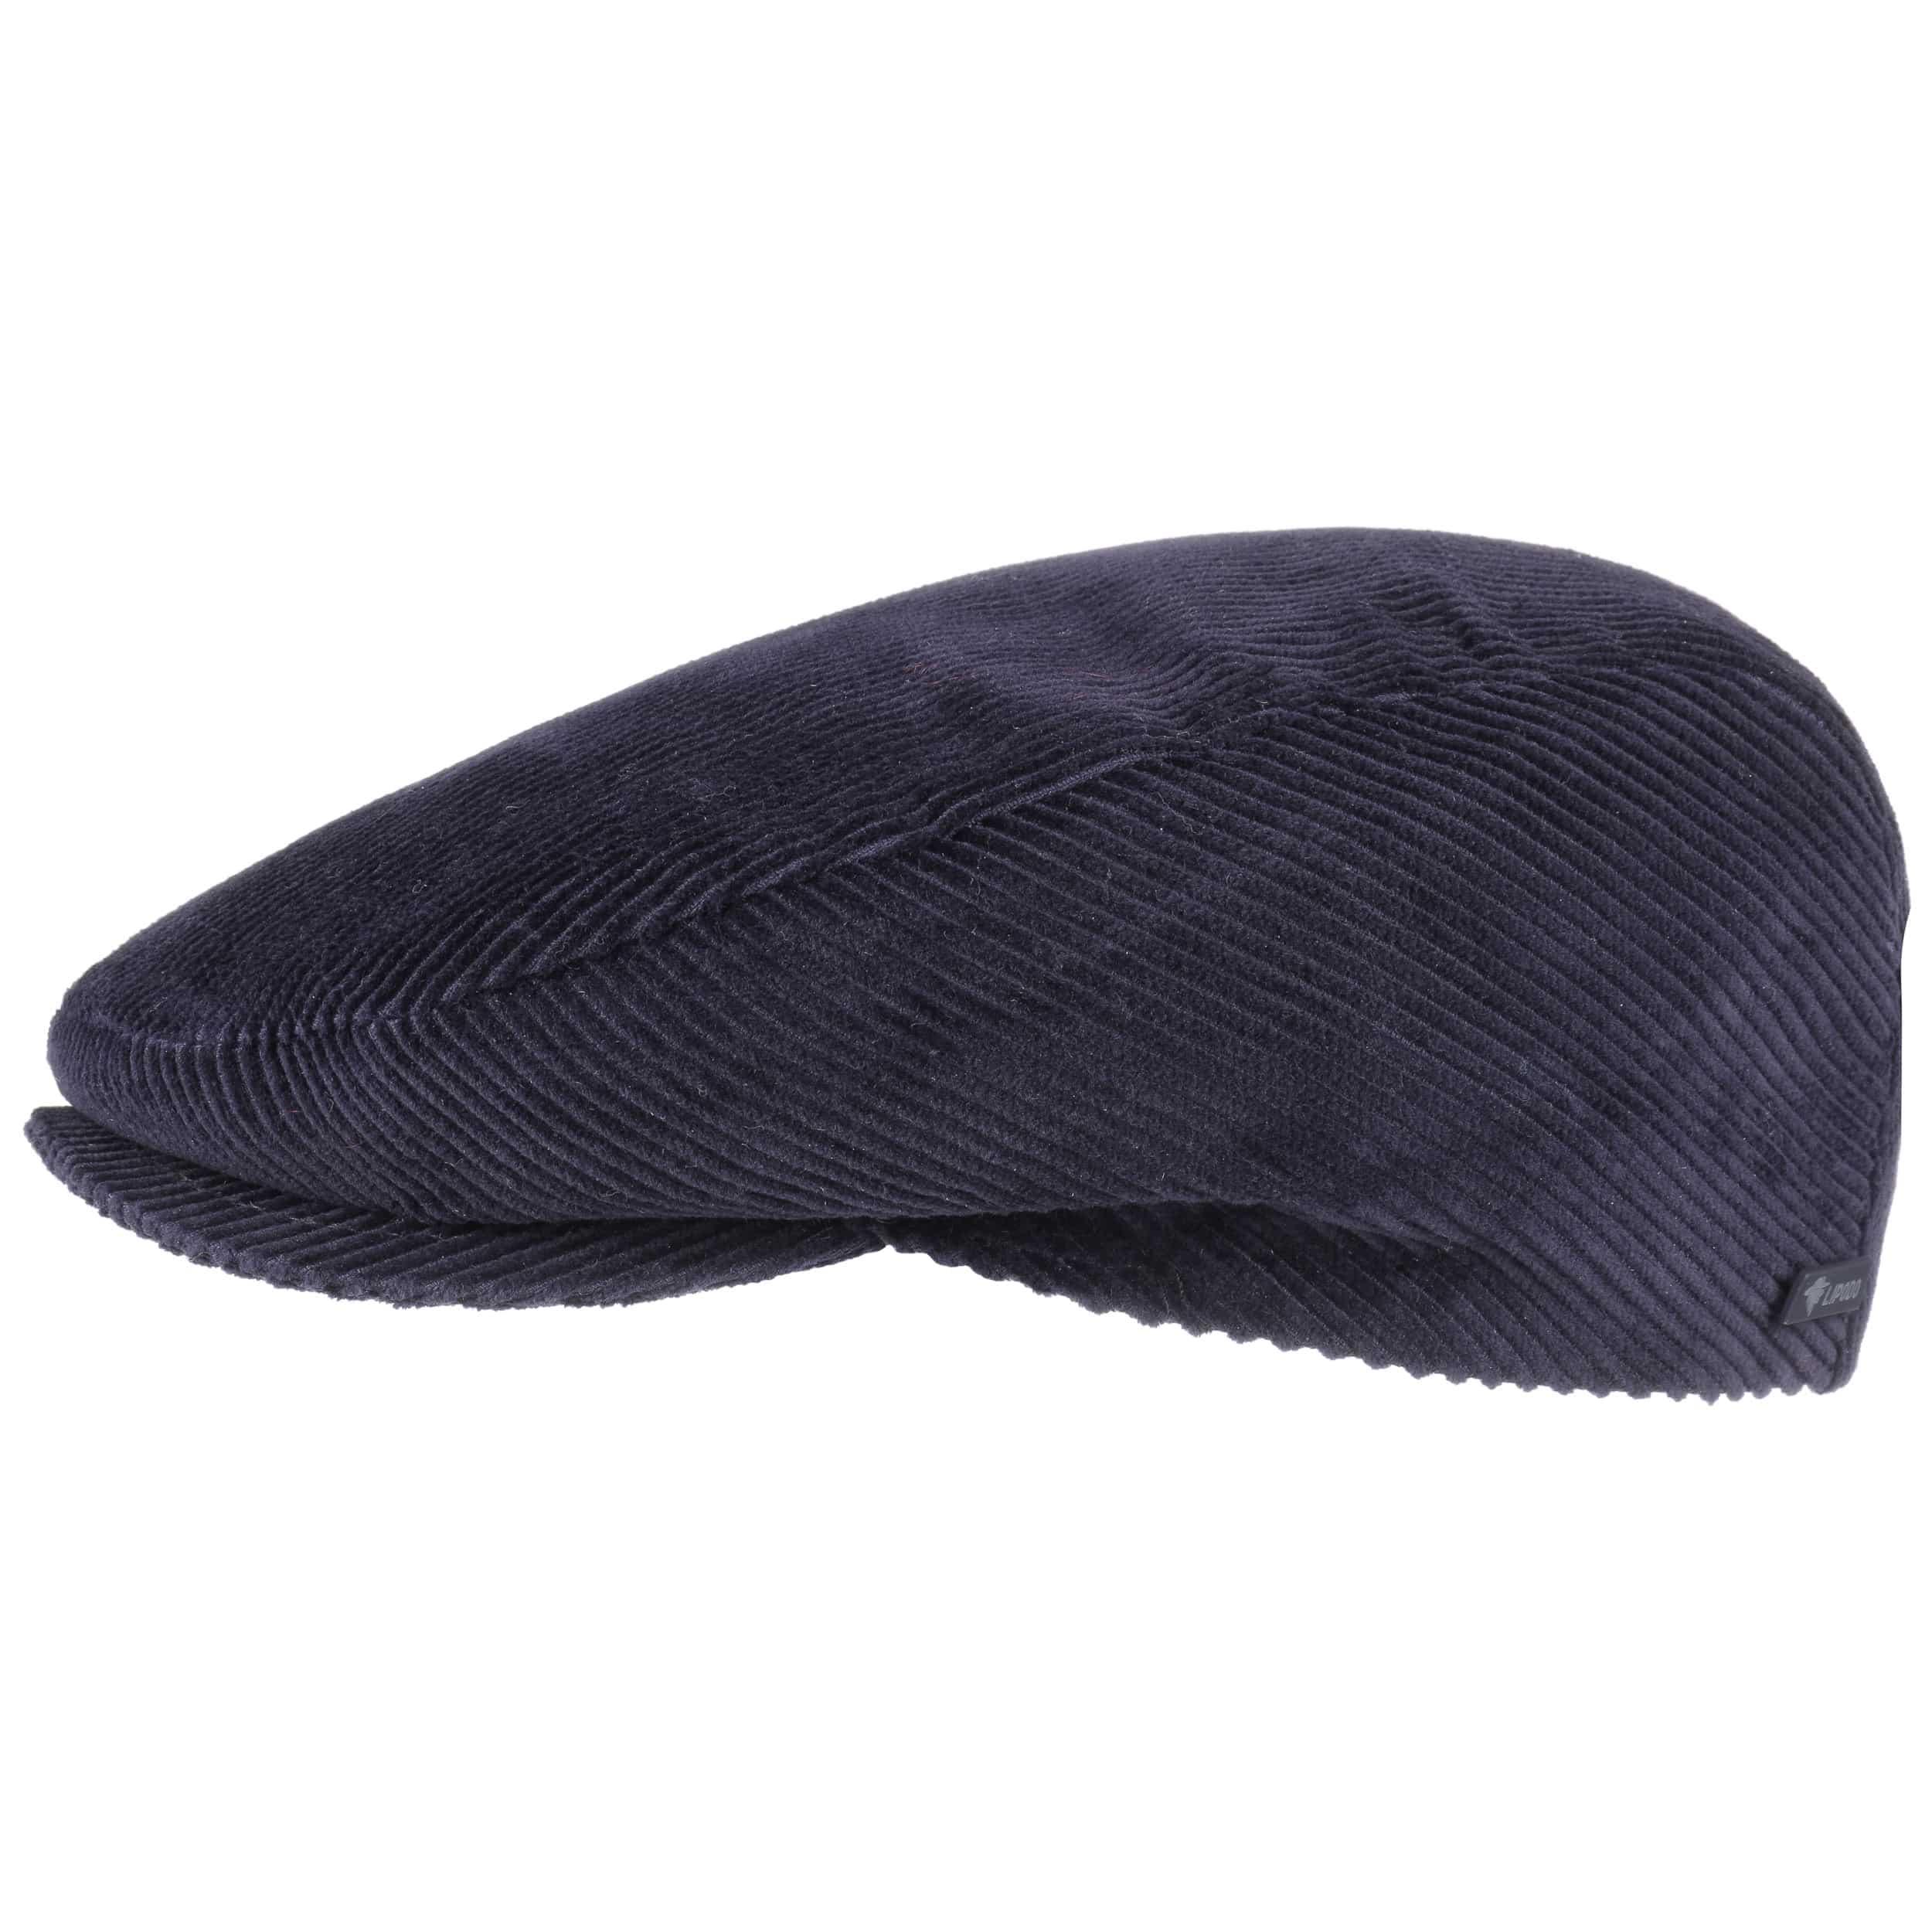 Fodera Autunno//Inverno Berretto a Quadri Cappello Piatto con Visiera Lipodo Coppola Duckbill Check Uomo Fodera